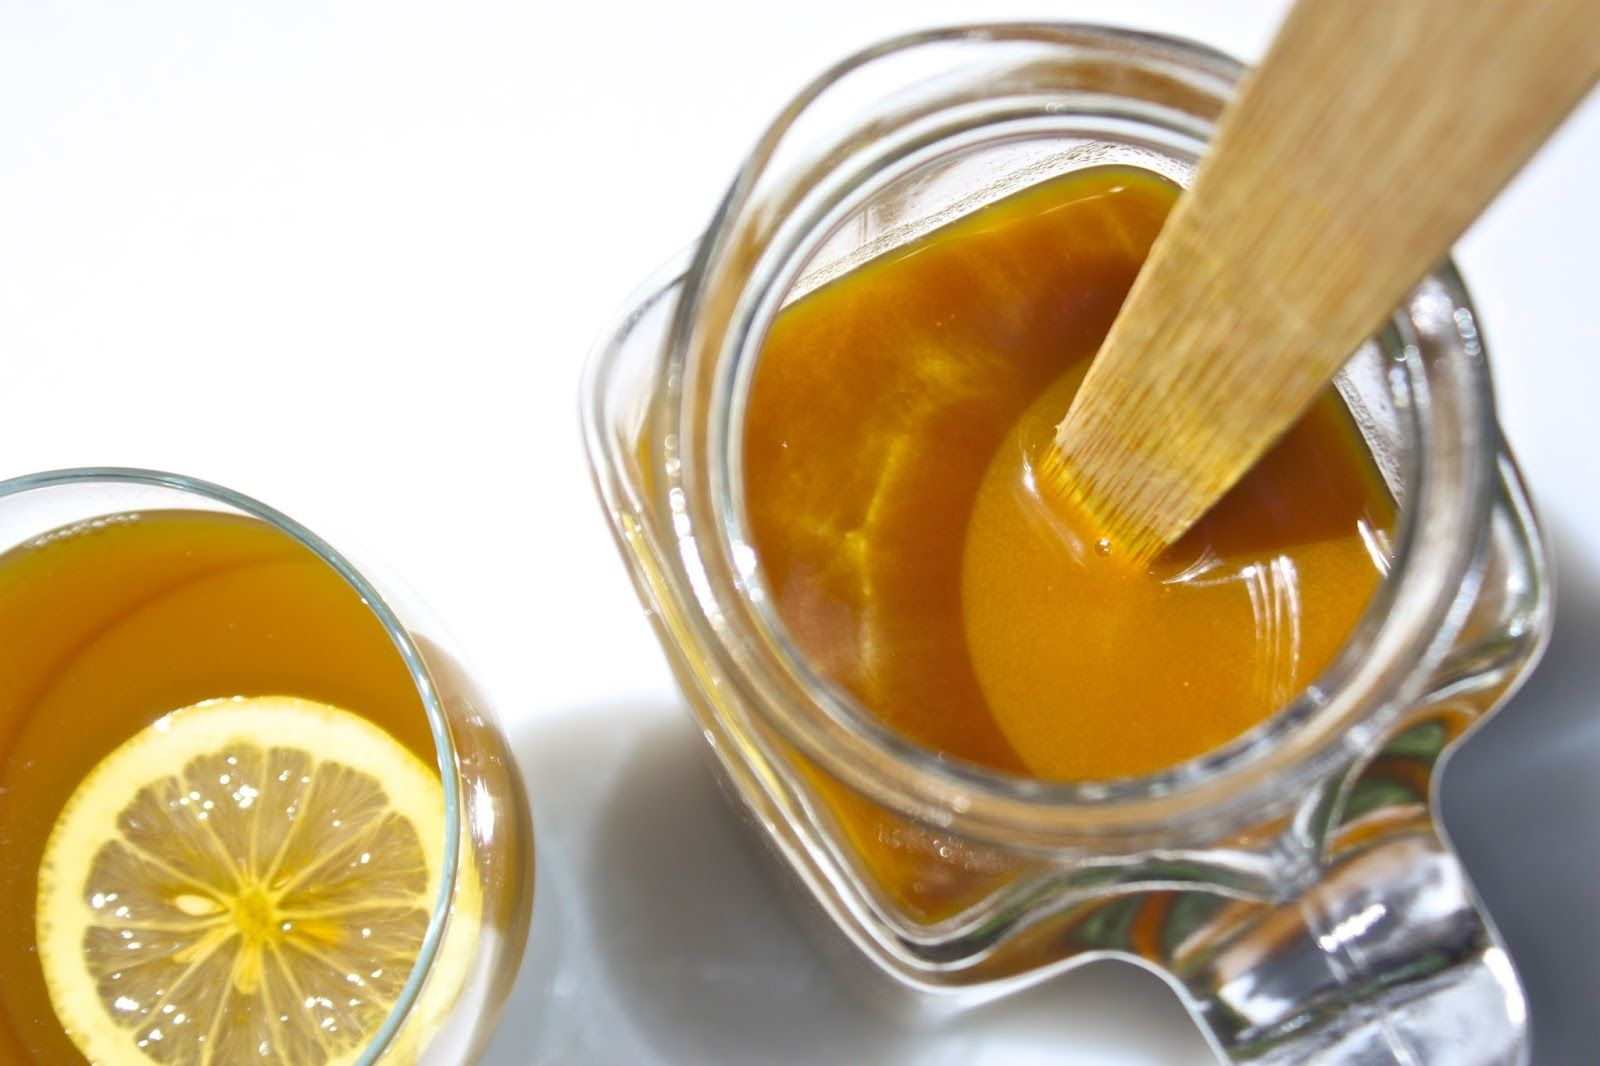 Consumă 3 linguri pe zi din acest antibiotic natural și nu te vei mai îmbolnăvi niciodată!